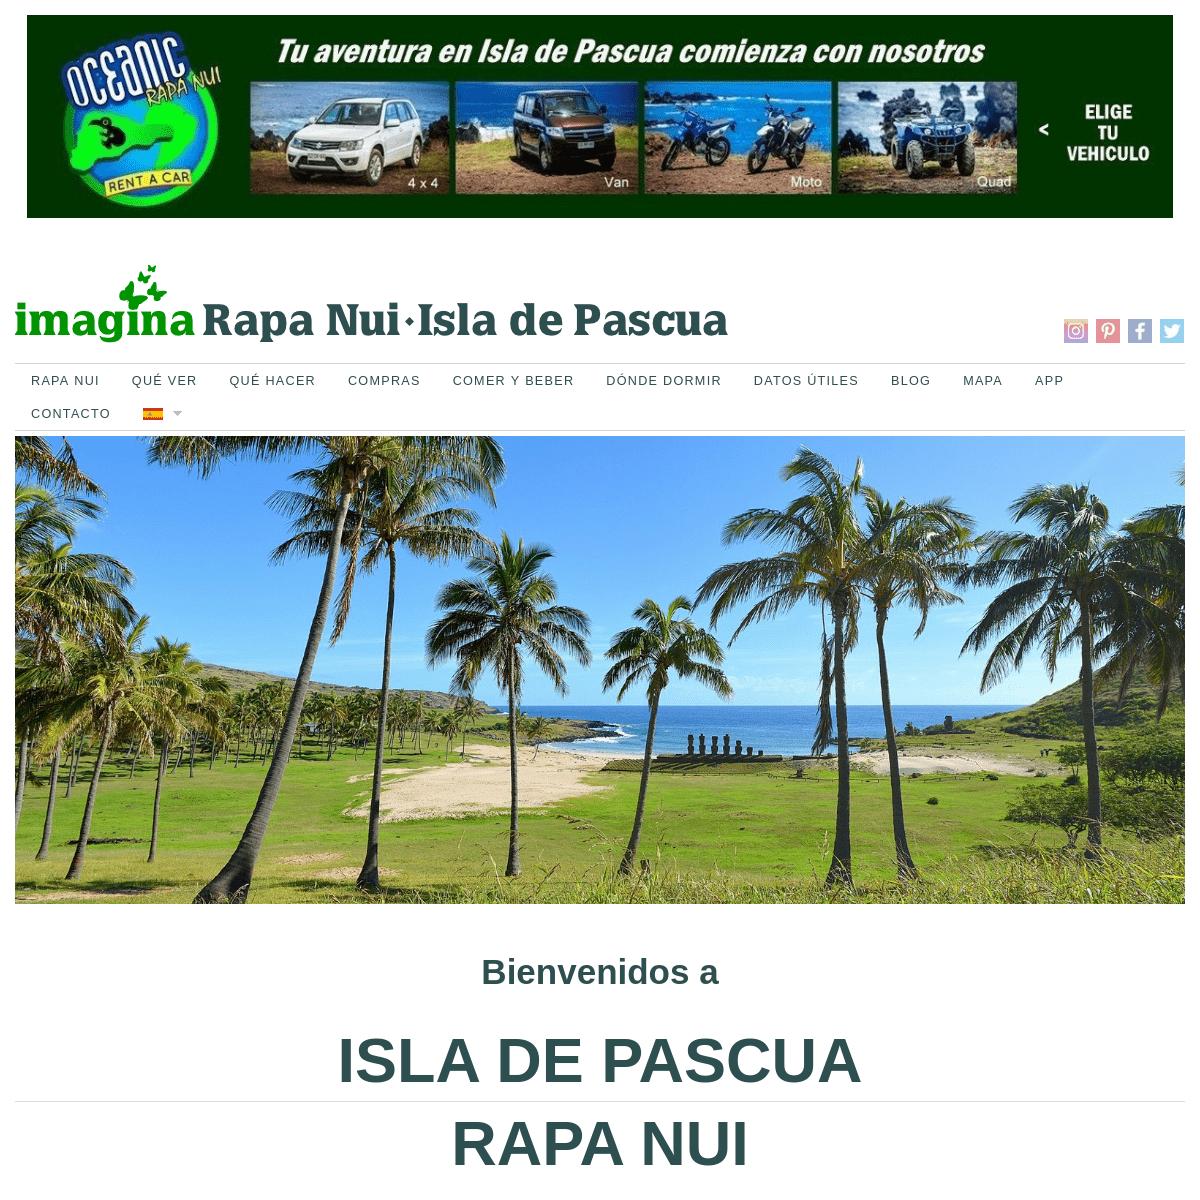 ISLA DE PASCUA - RAPA NUI - Guía completa de una isla mágica